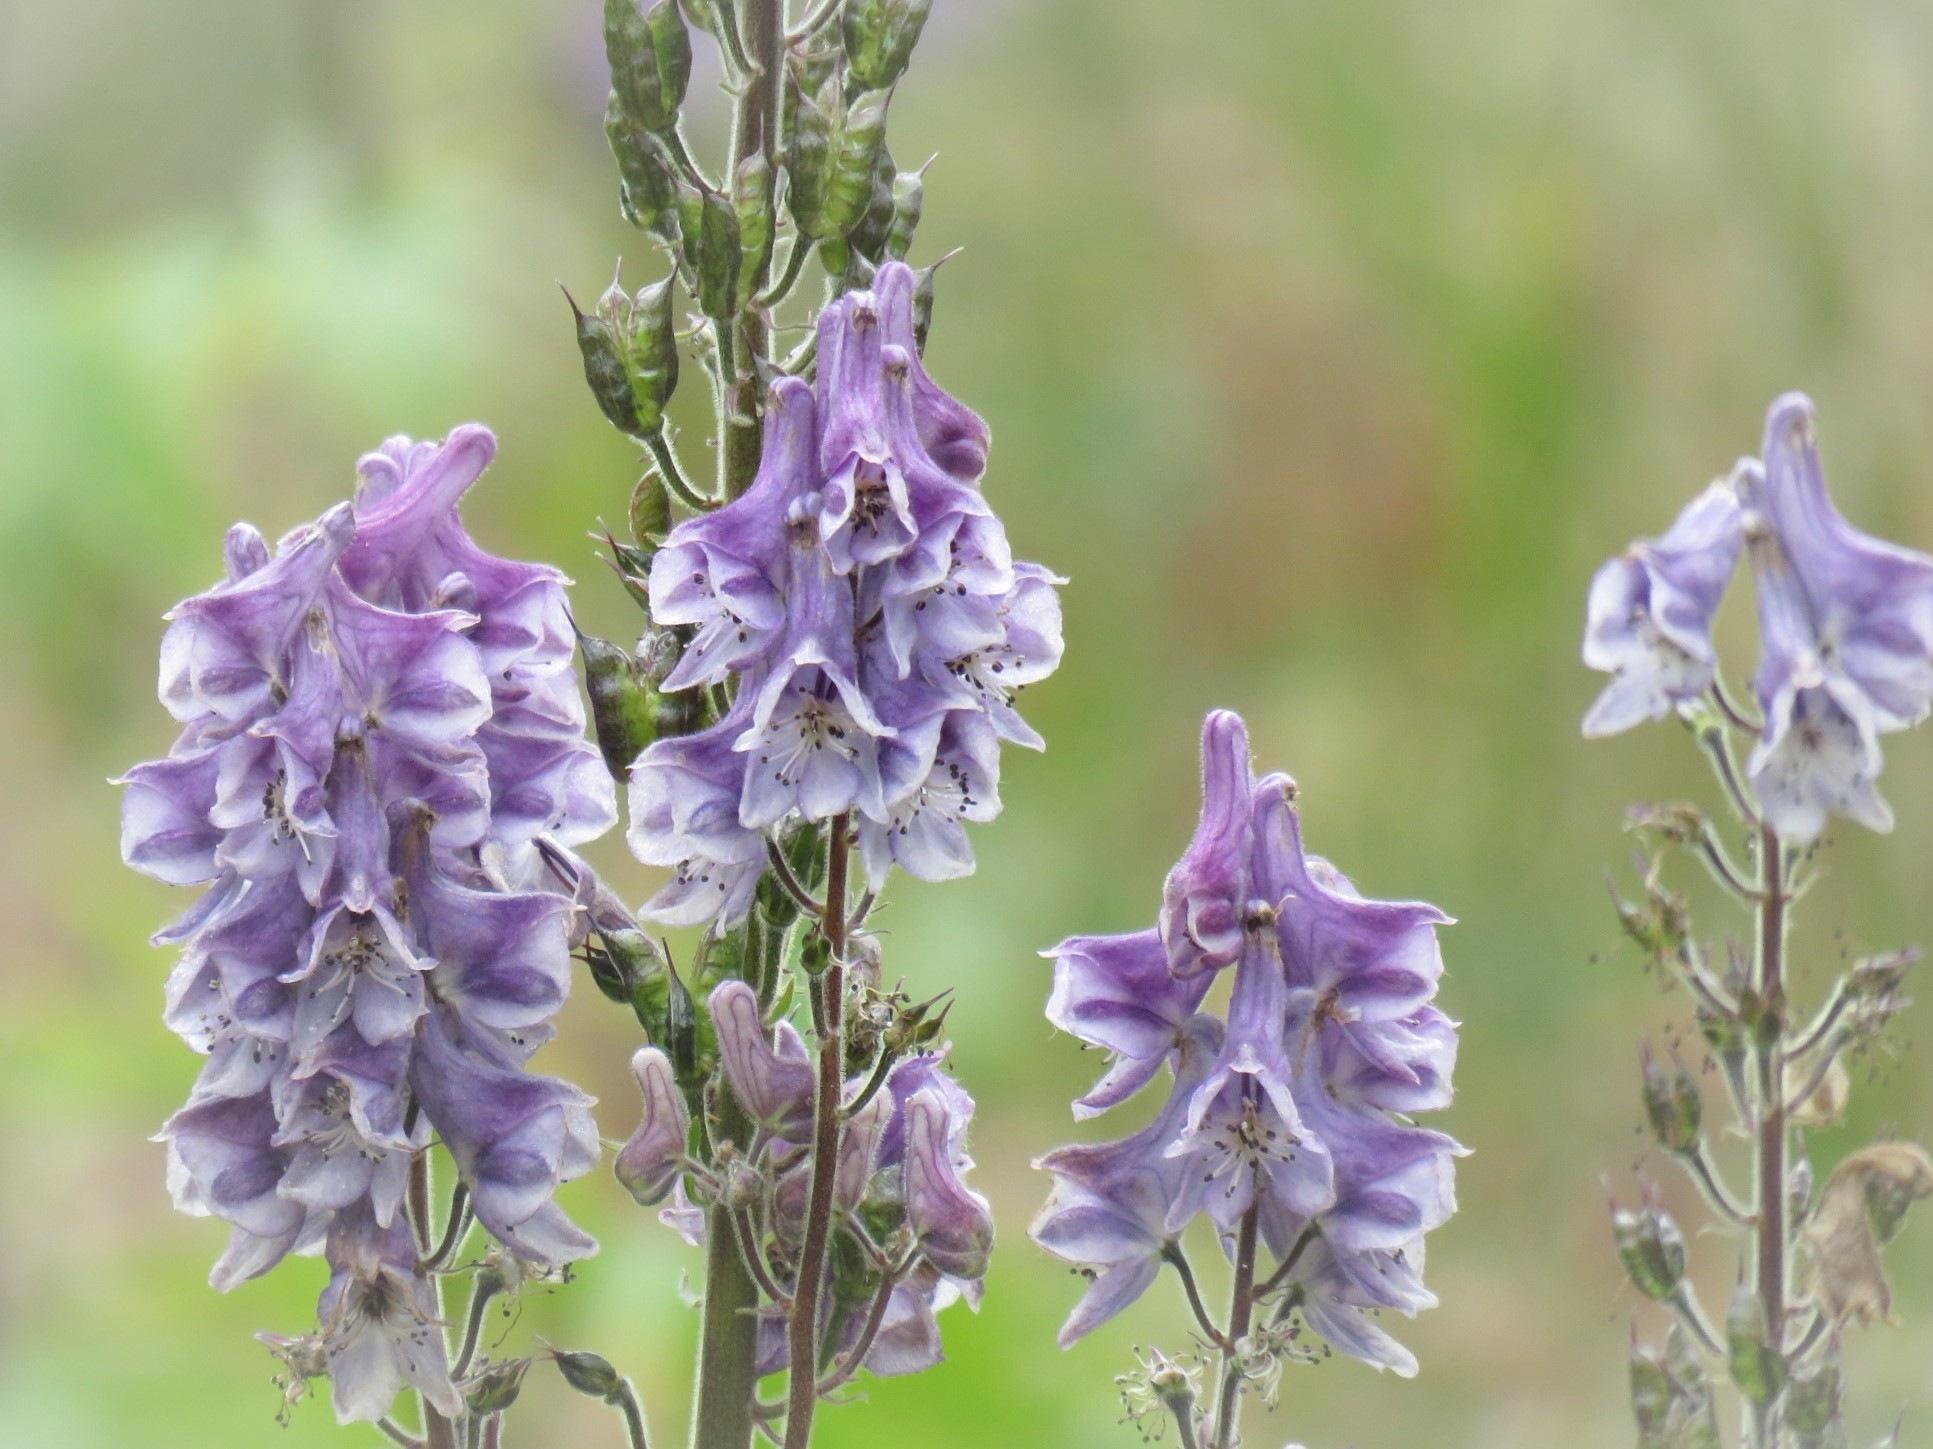 #Wild flower by marit